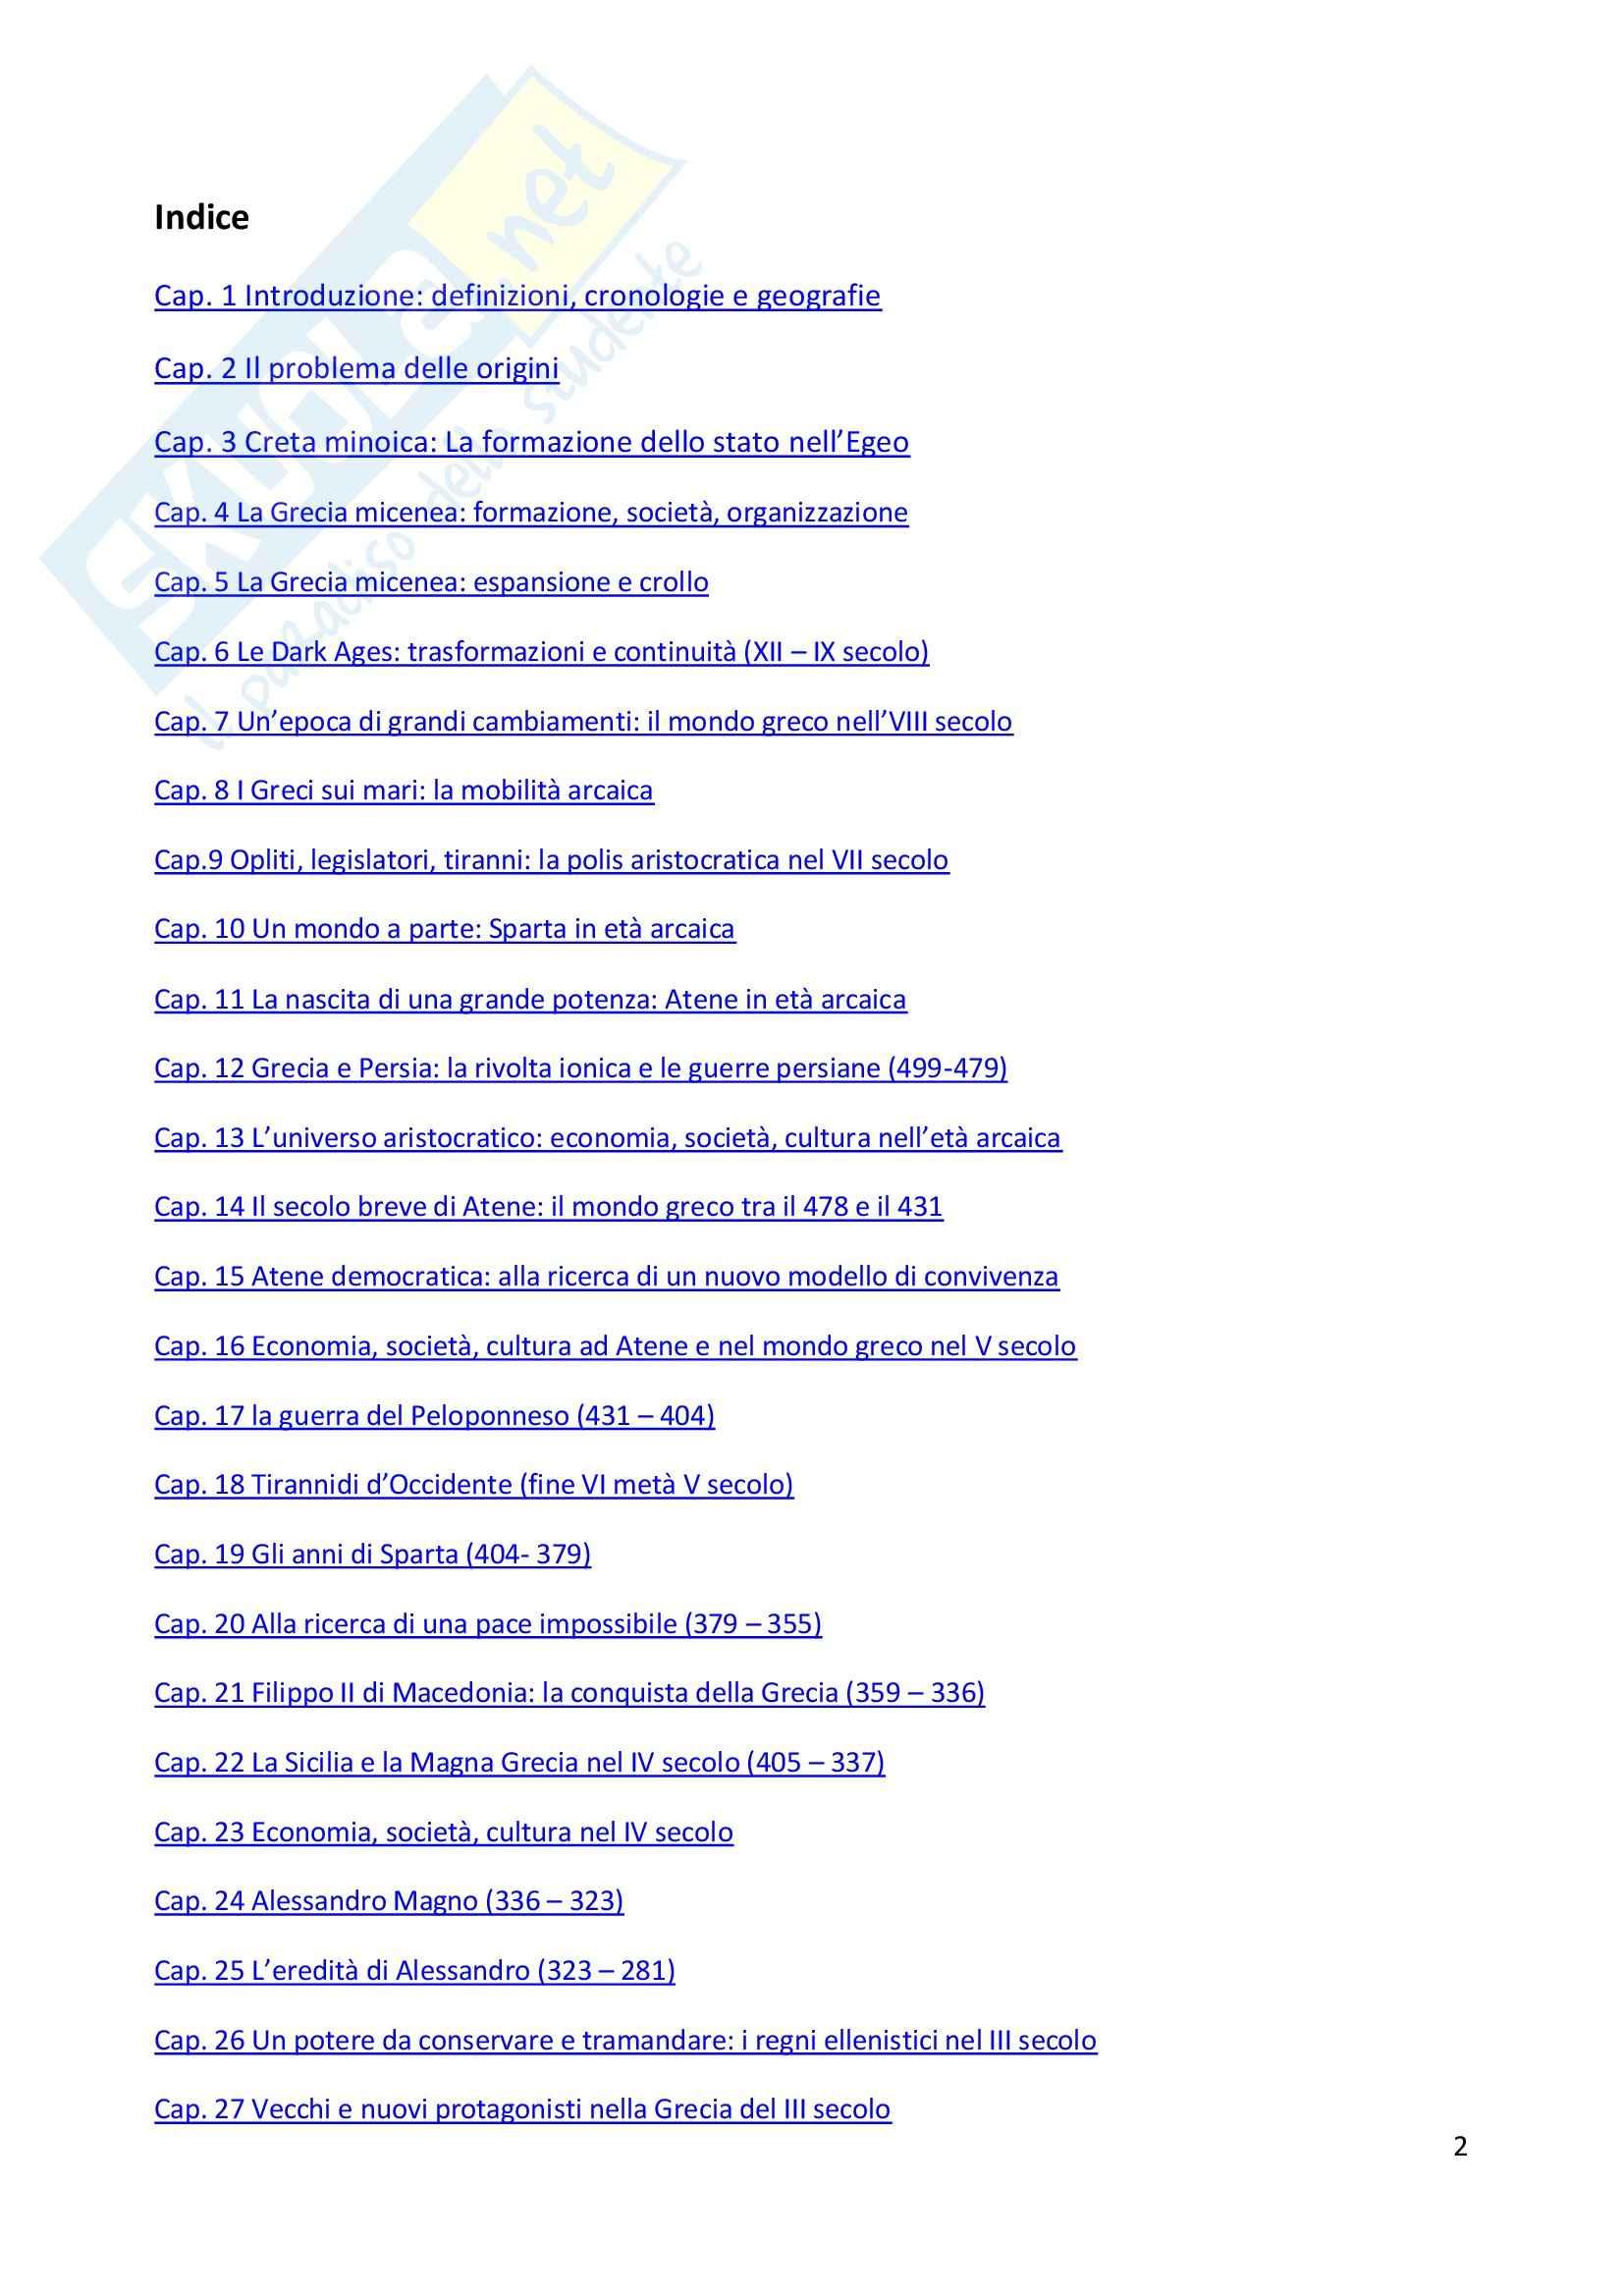 Riassunto esame Storia Greca, prof. Guizzi, libro consigliato Manuale Storia Greca, Bettalli, d'Agata, Magnetto